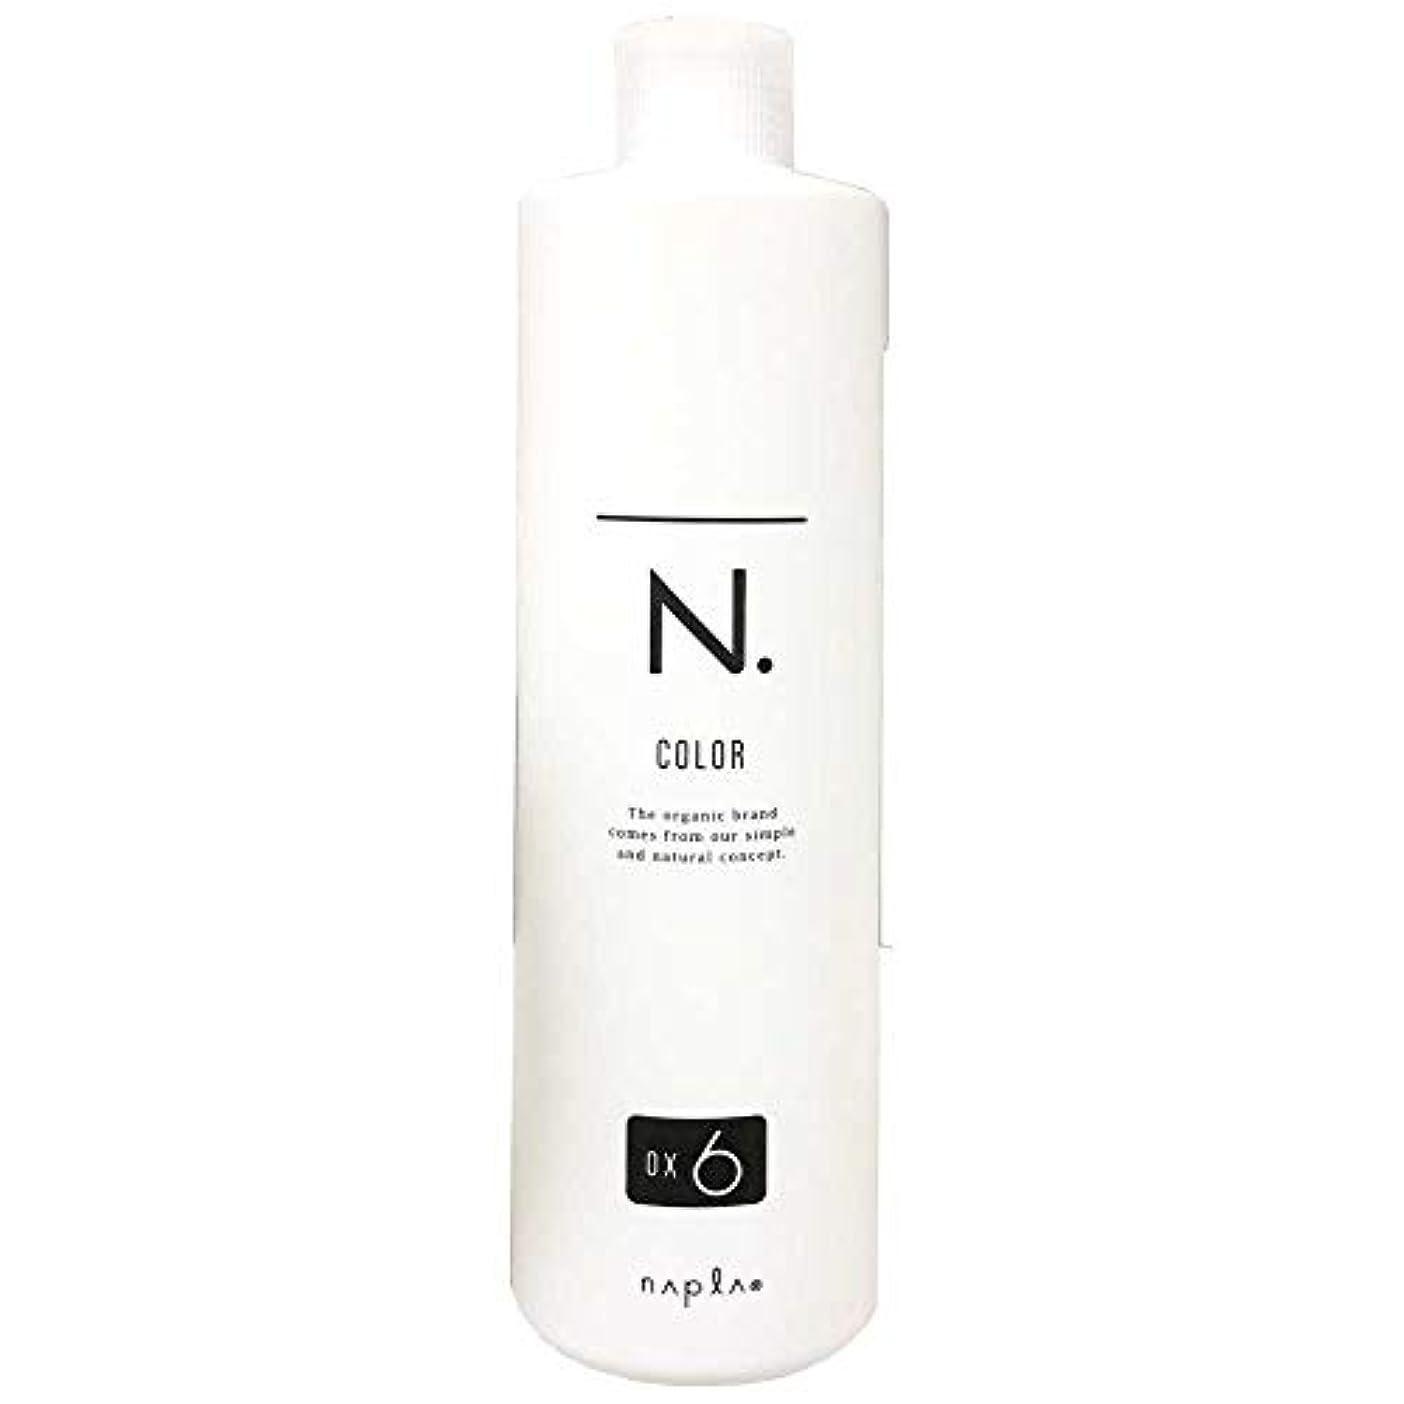 ナプラ エヌドットカラー オキシ 第2剤 (6%)